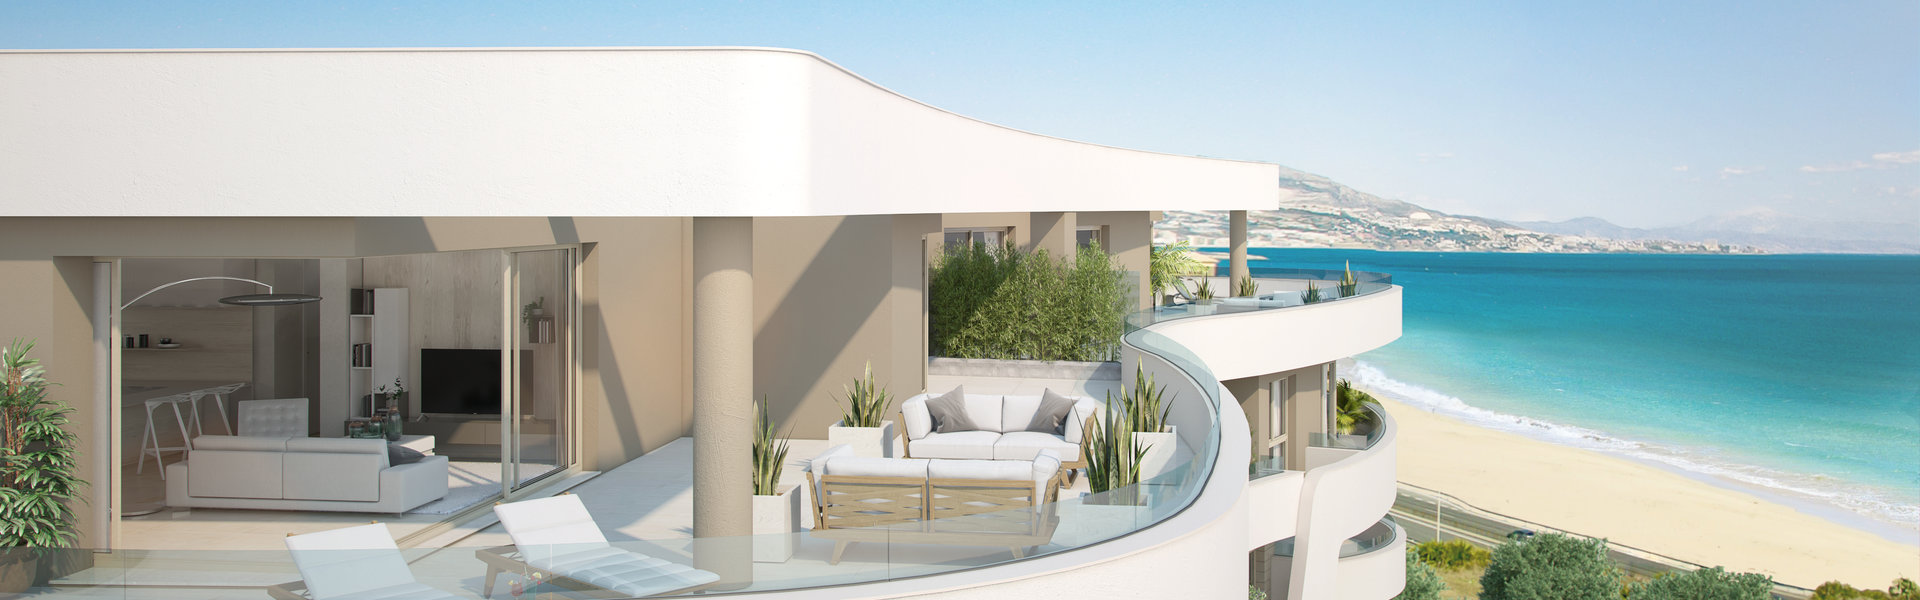 köpa lägenhet i spanien malaga